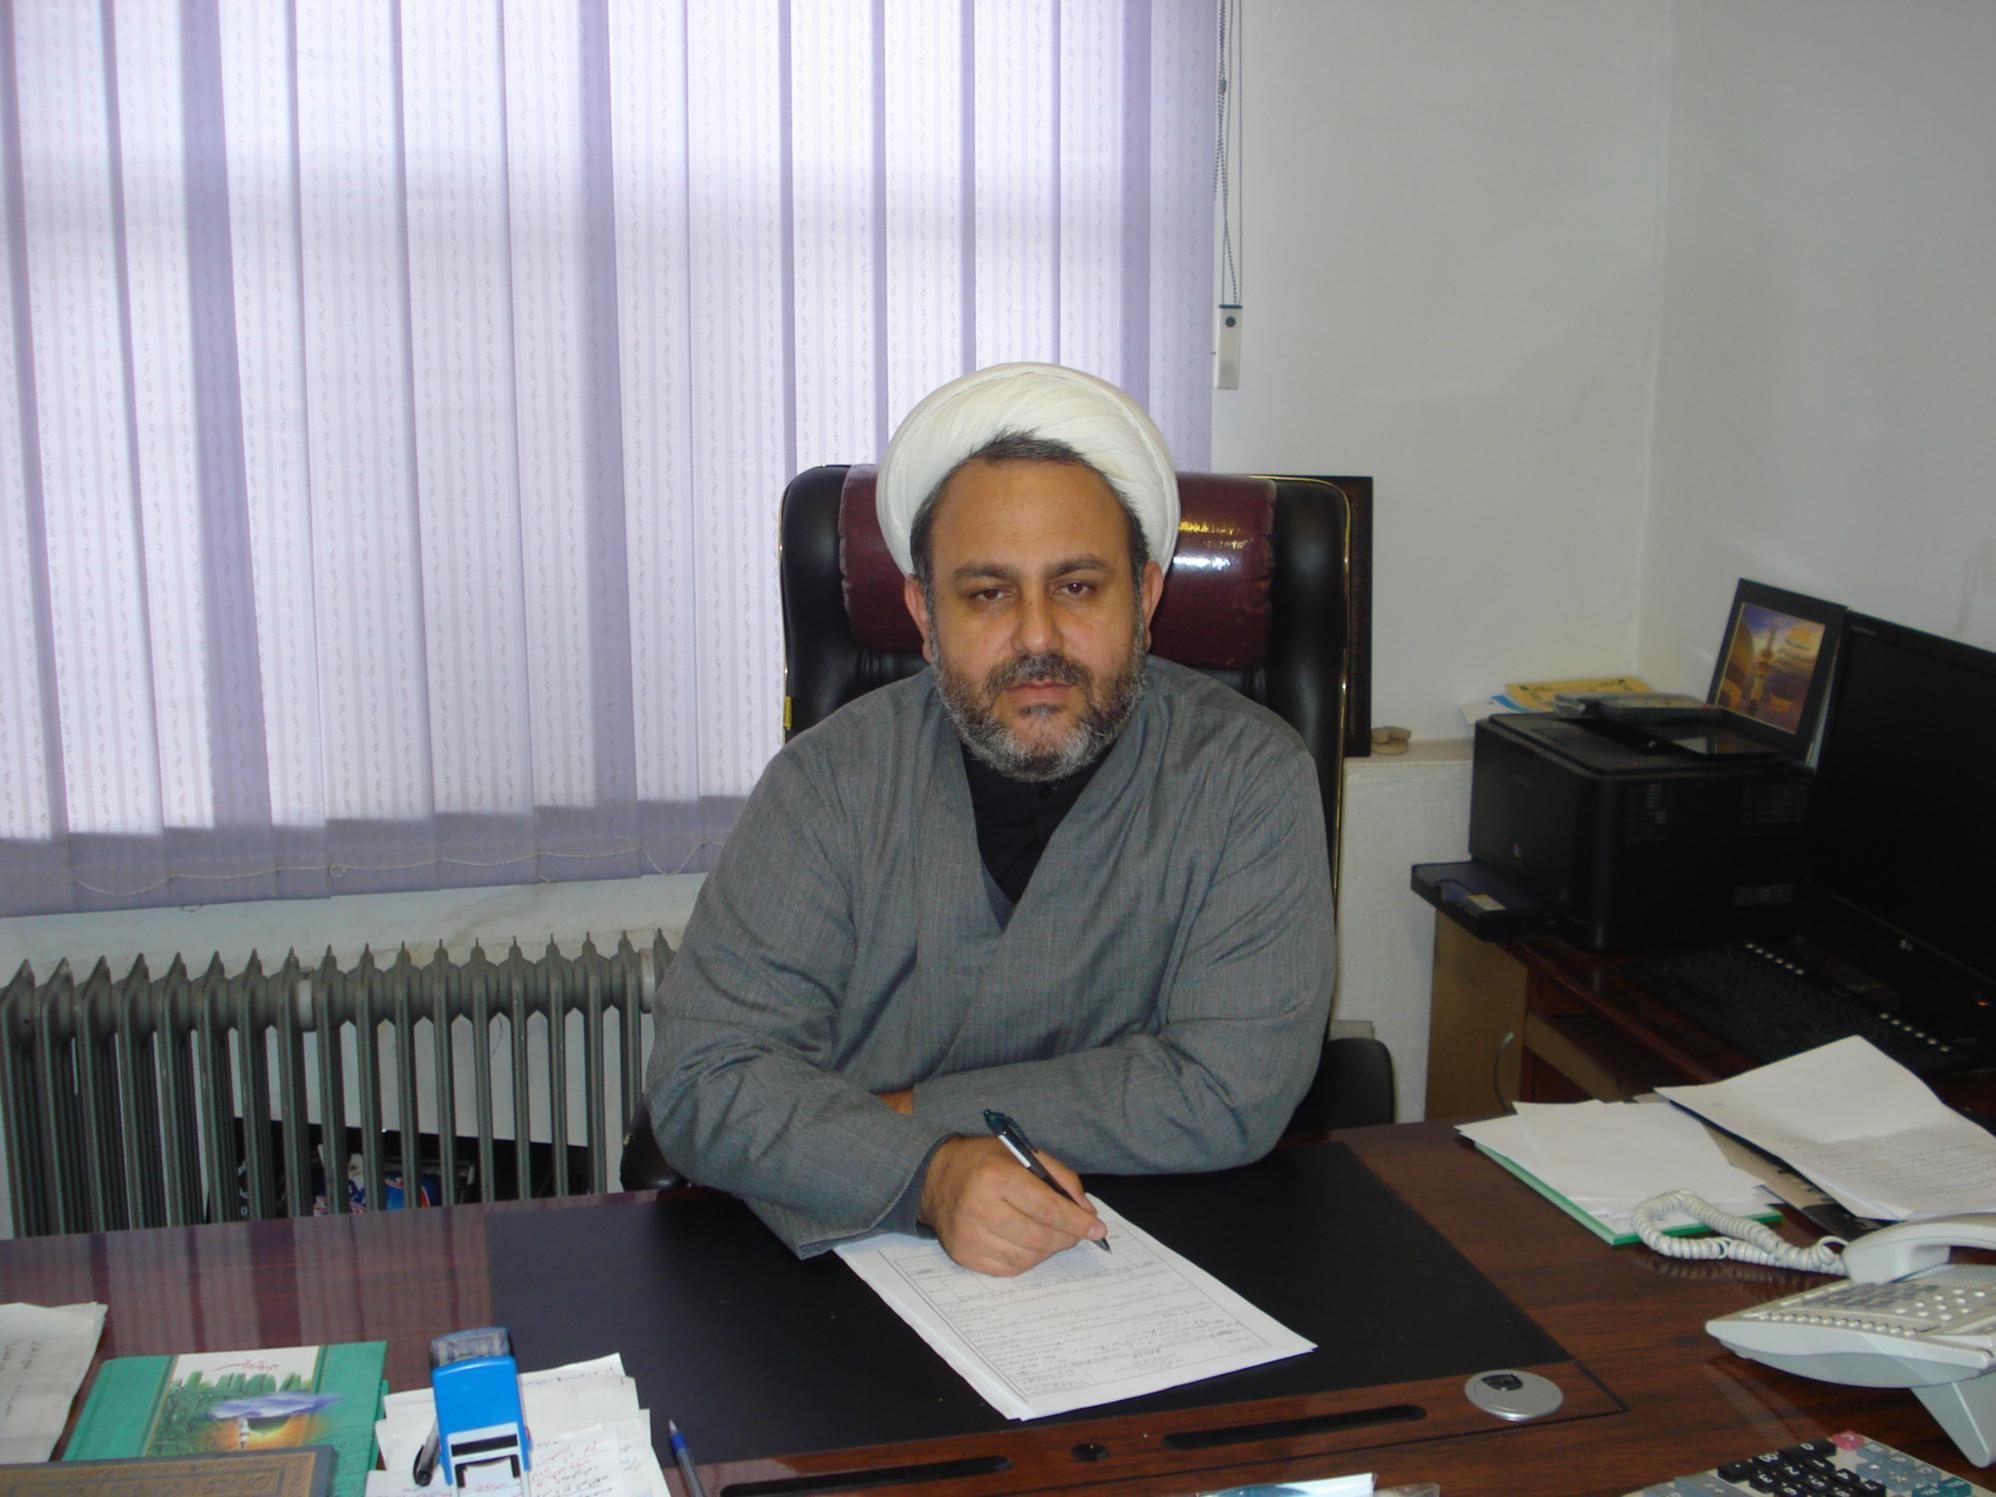 حجت الاسلام محمد خانبابایی - امور مساجد آذربایجان غربی